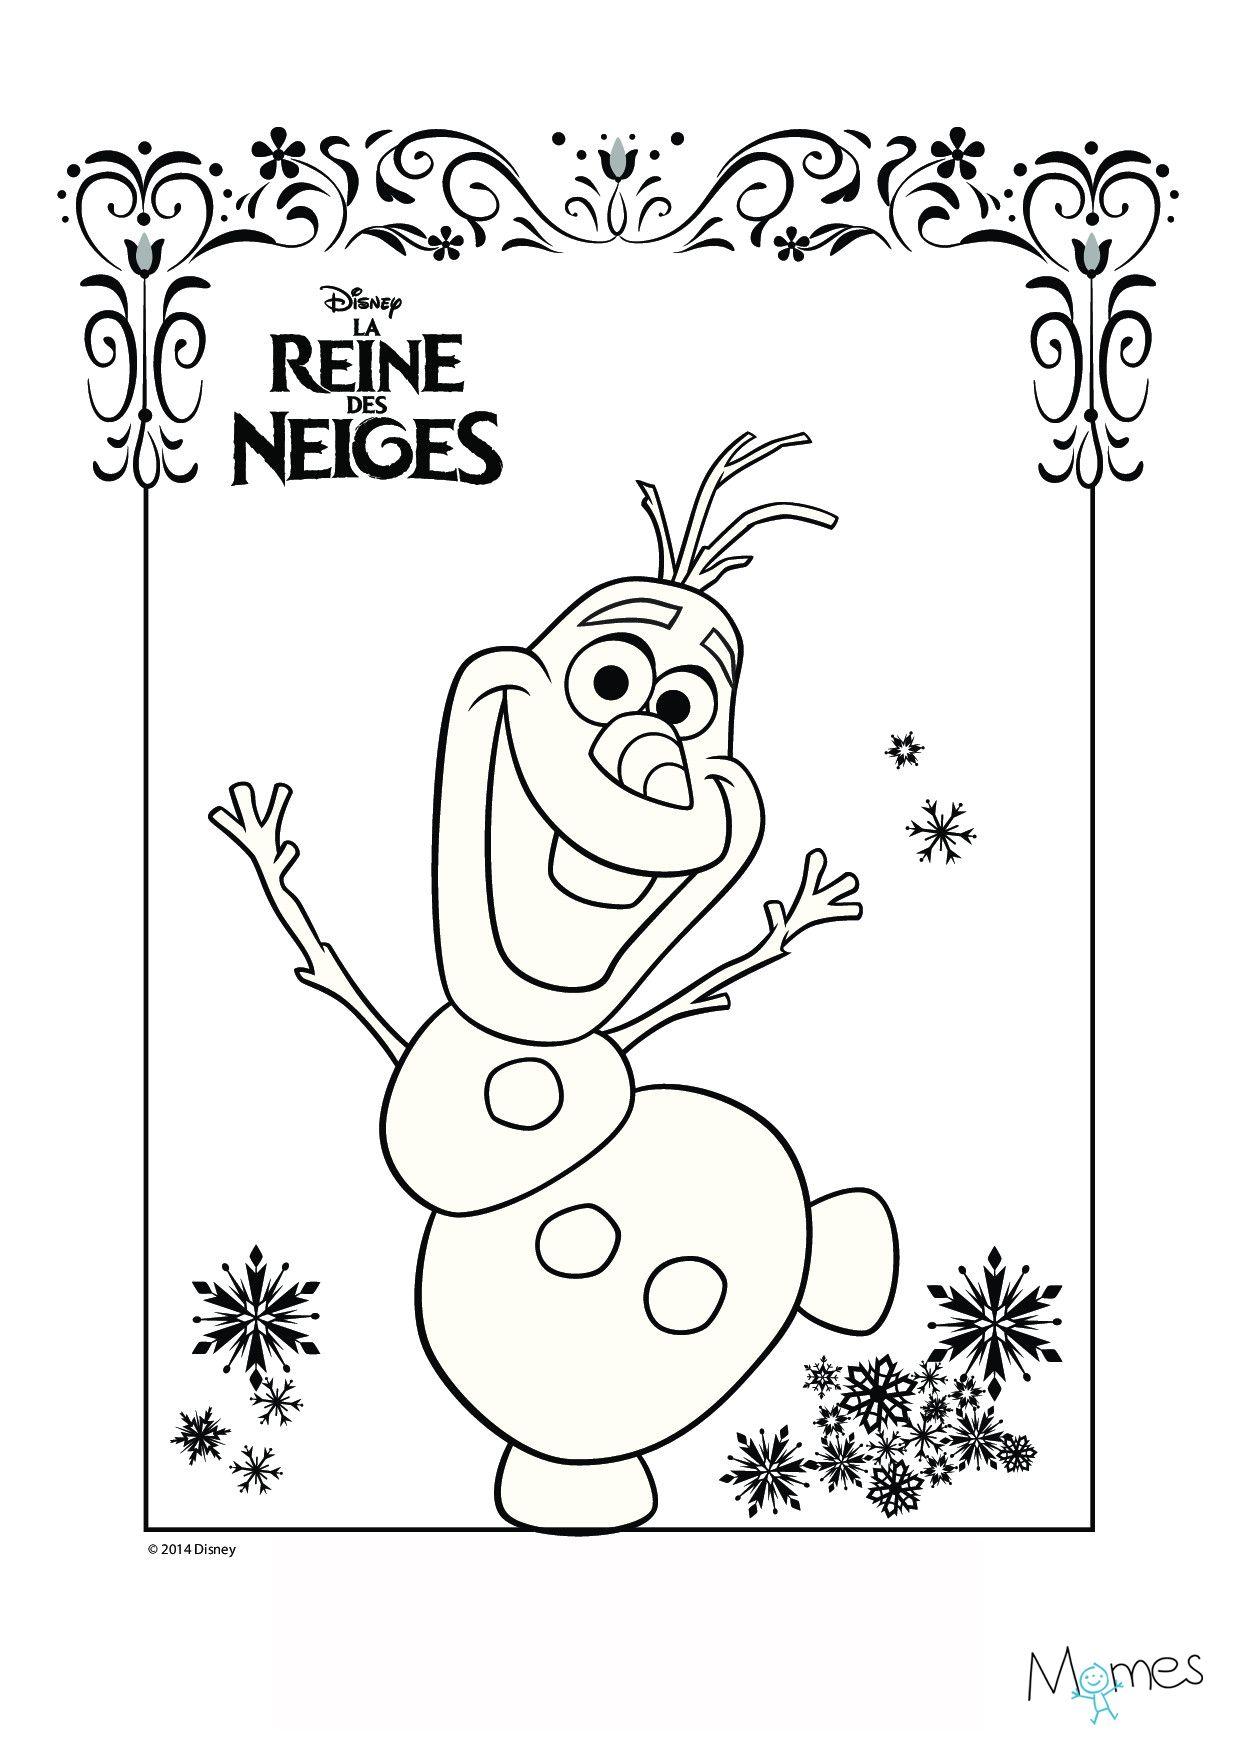 Extrêmement Coloriage Reine des Neiges : Olaf | Coloriage reine des neiges  MB17